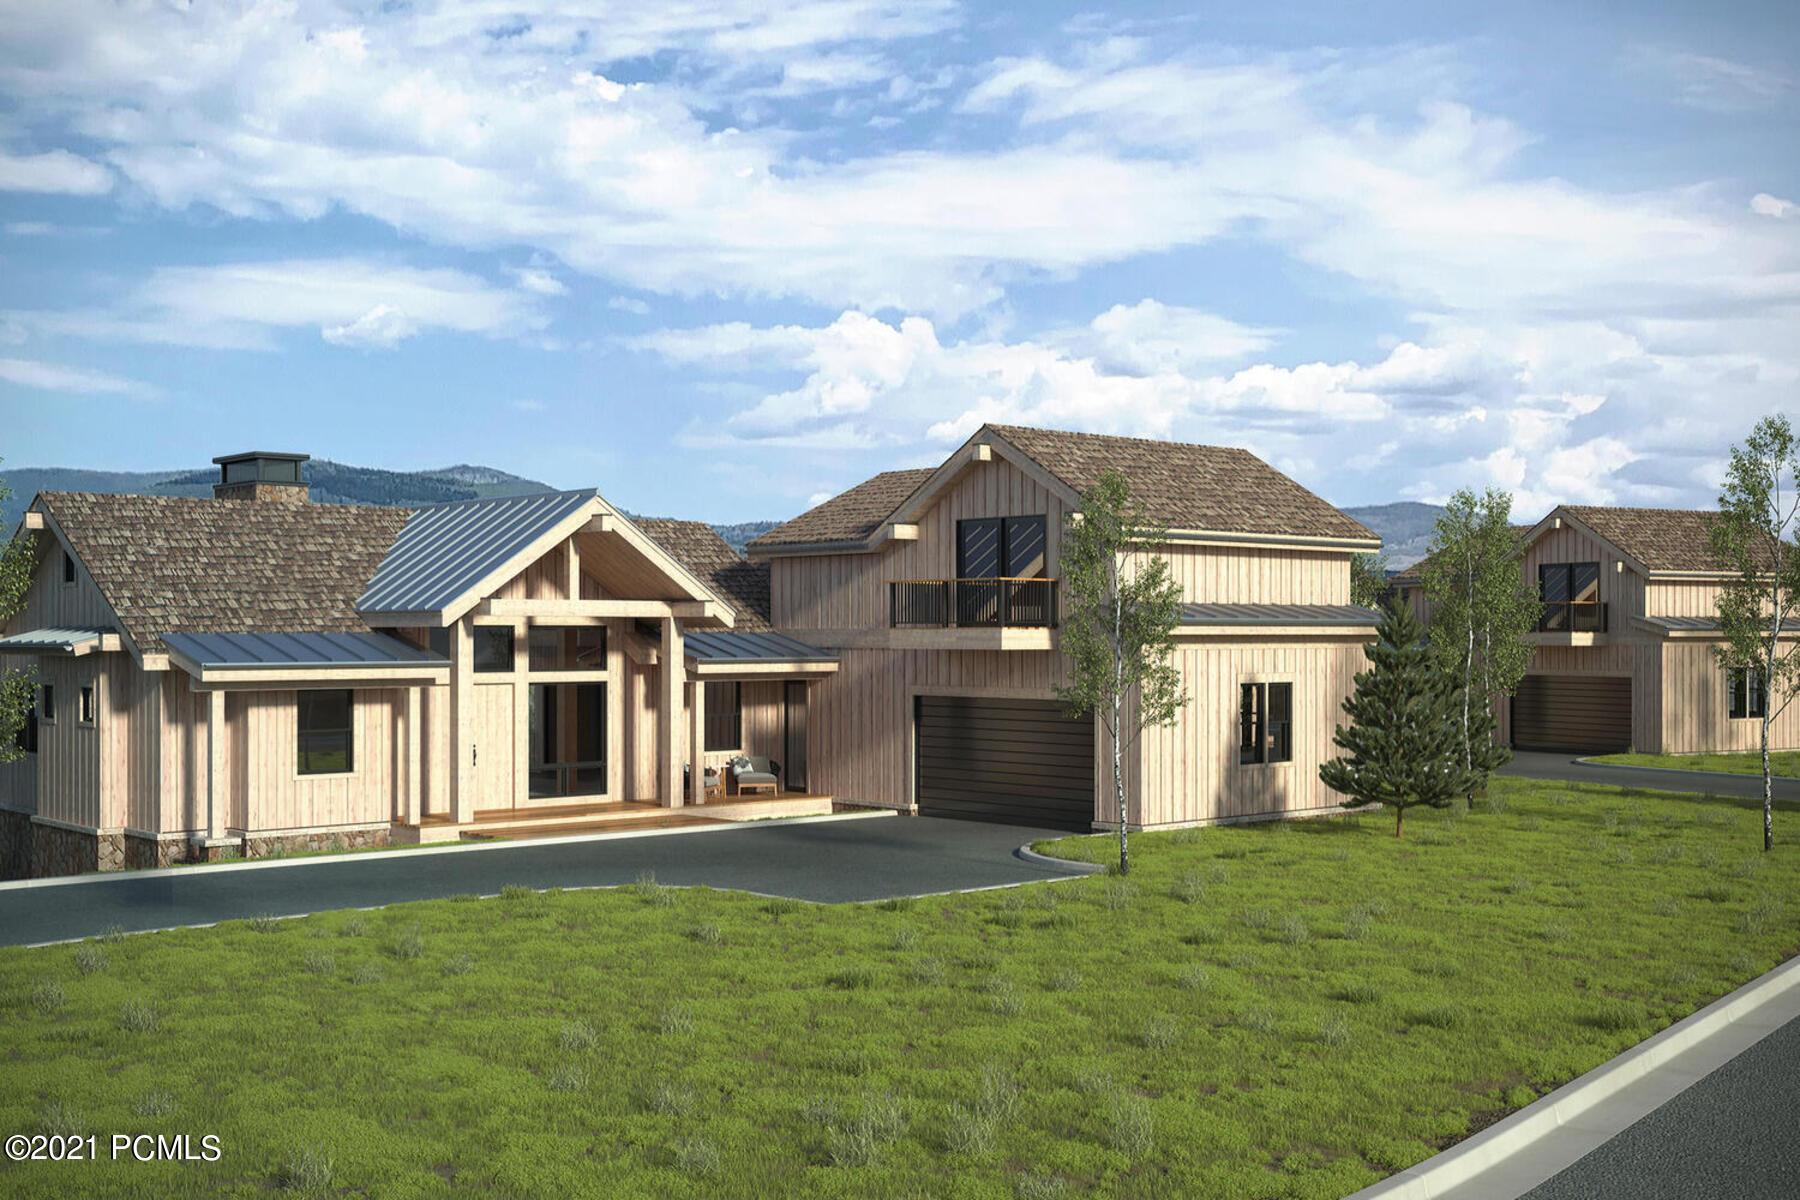 7615 Stardust Ct #319e, 5.13, Heber City, Utah 84032, 5 Bedrooms Bedrooms, ,6 BathroomsBathrooms,Fractional Interest,For Sale,Stardust Ct #319e, 5.13,12100708